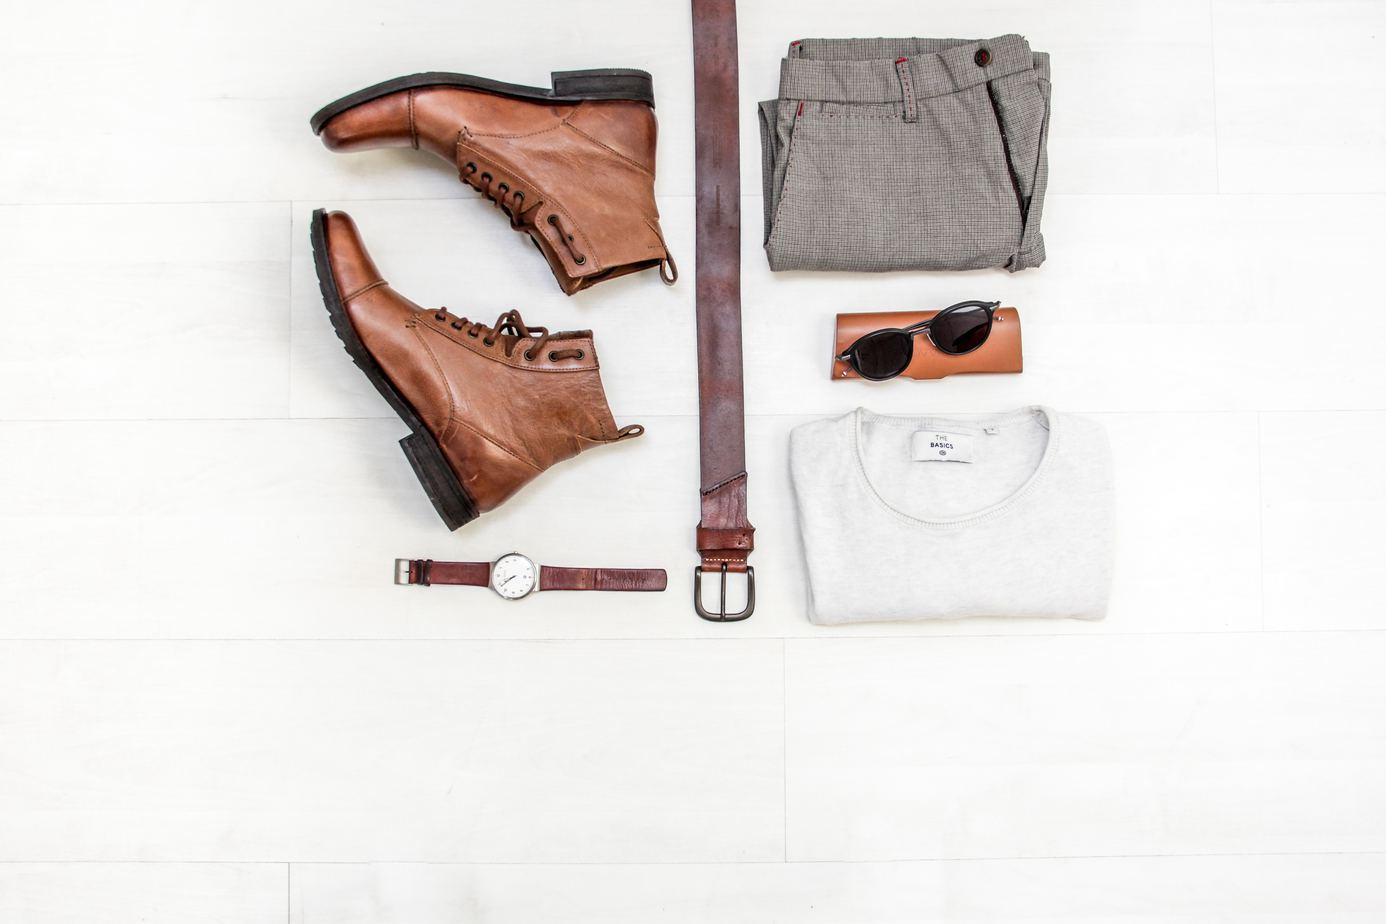 Image principale de l'article Pourquoi avoir un dressing minimaliste? A quoi cela sert?